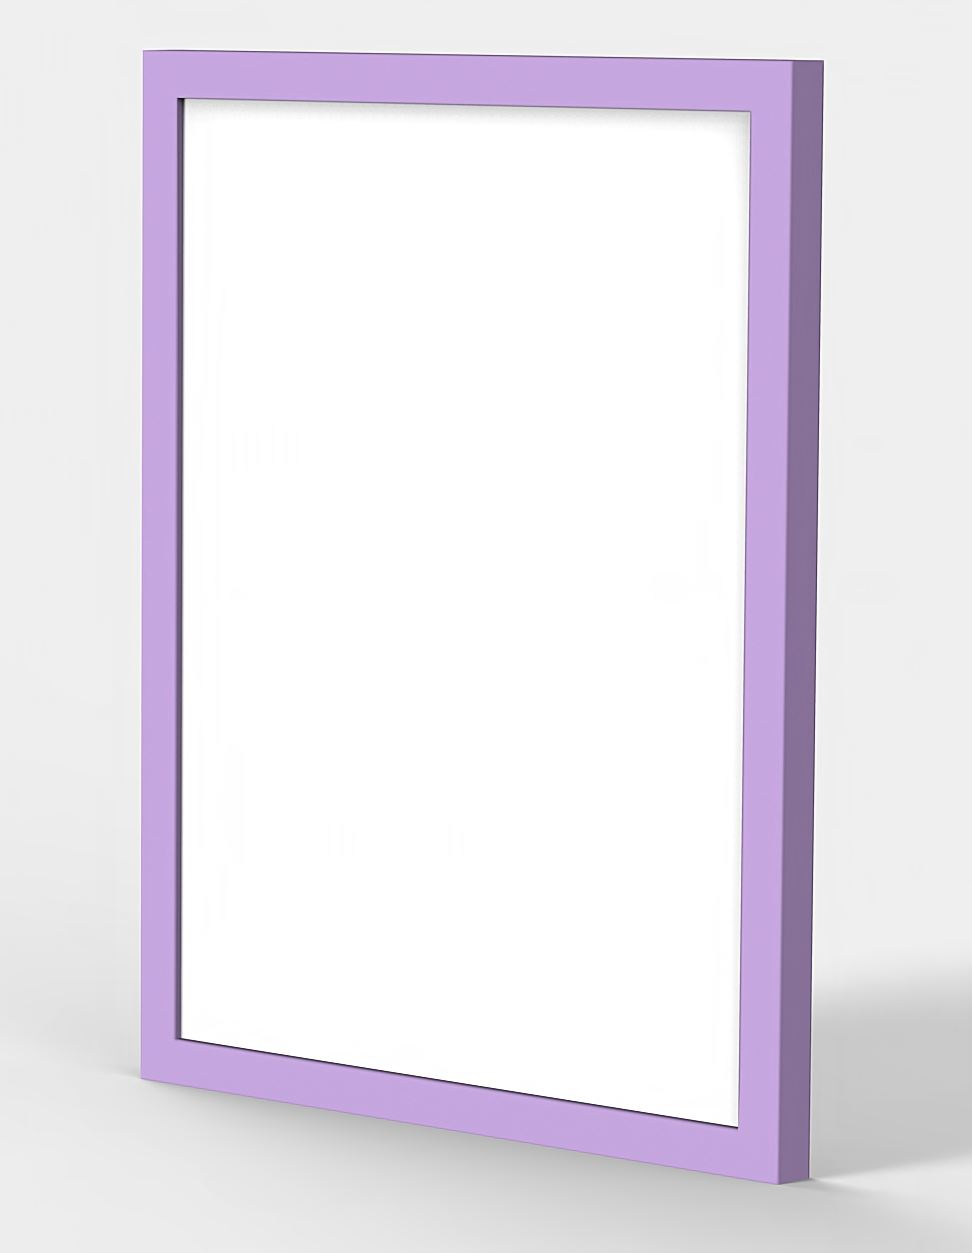 24x18 poster frame